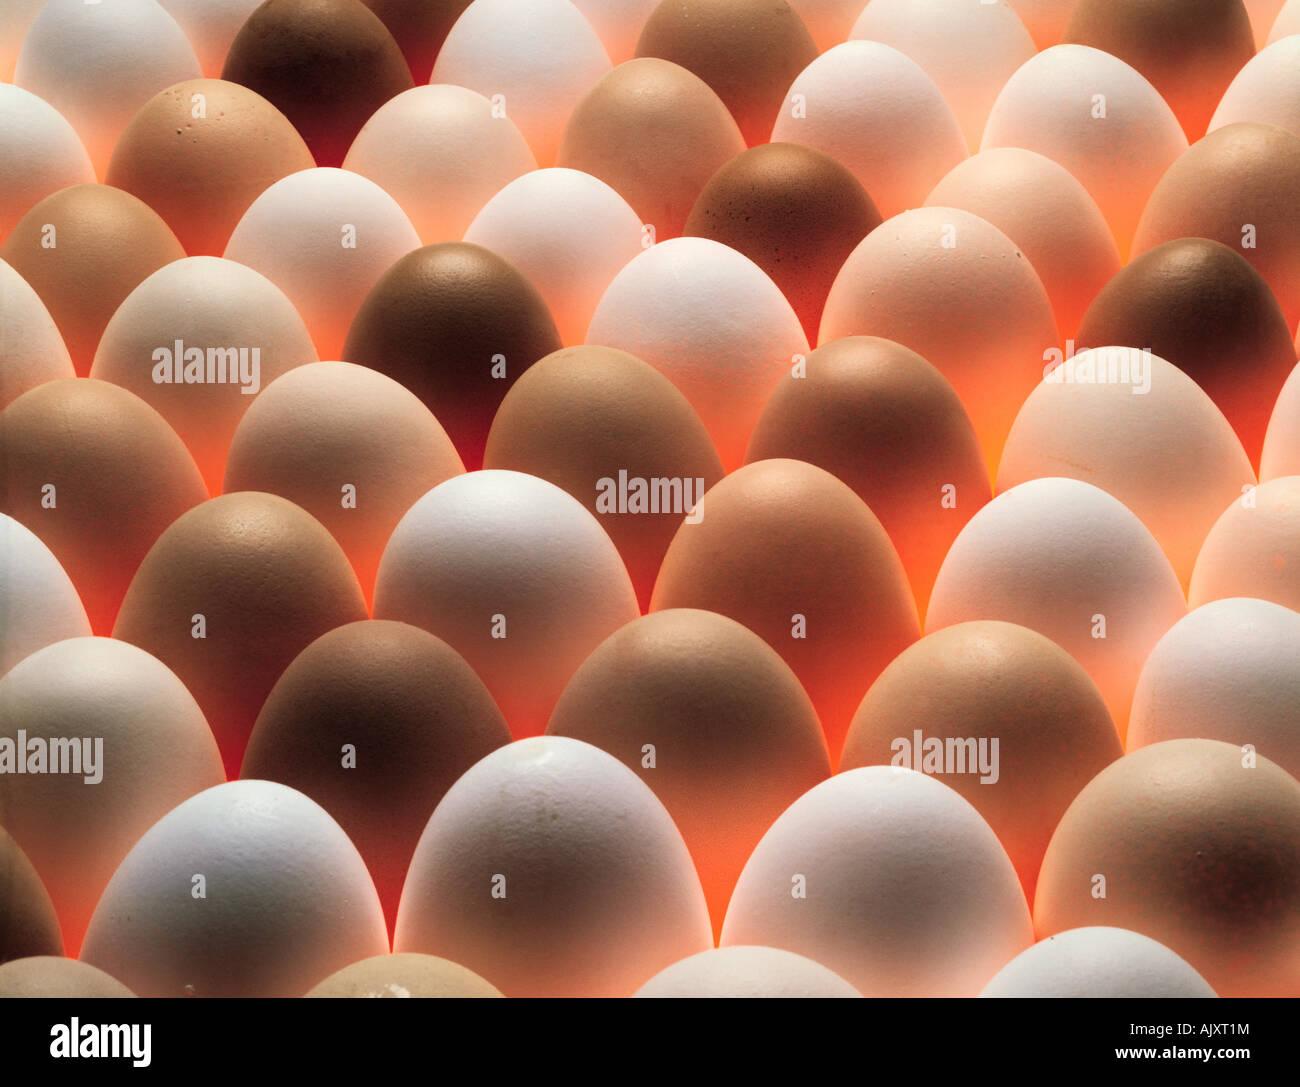 """Alimentare la vita ancora di close-up di carni di polli uova"""". Immagini Stock"""